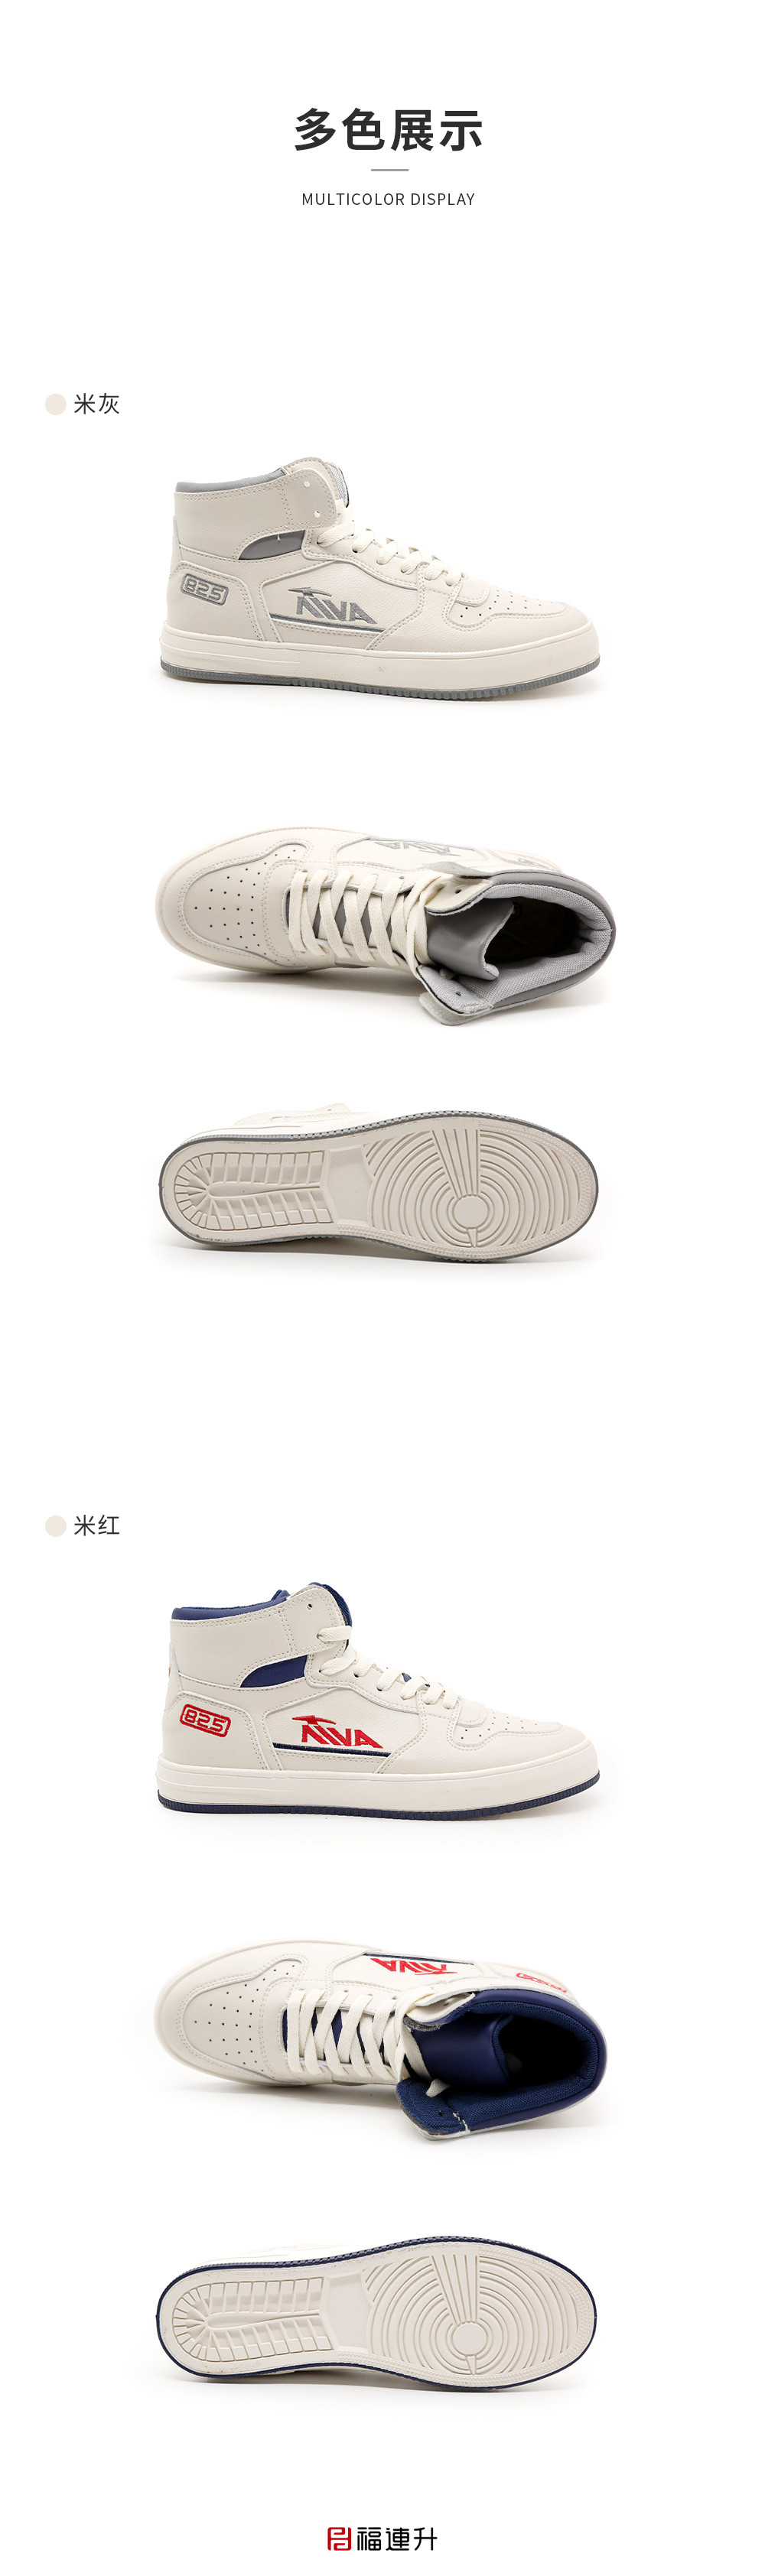 福连升2020冬季新款男百搭韩版休闲高帮板鞋图片